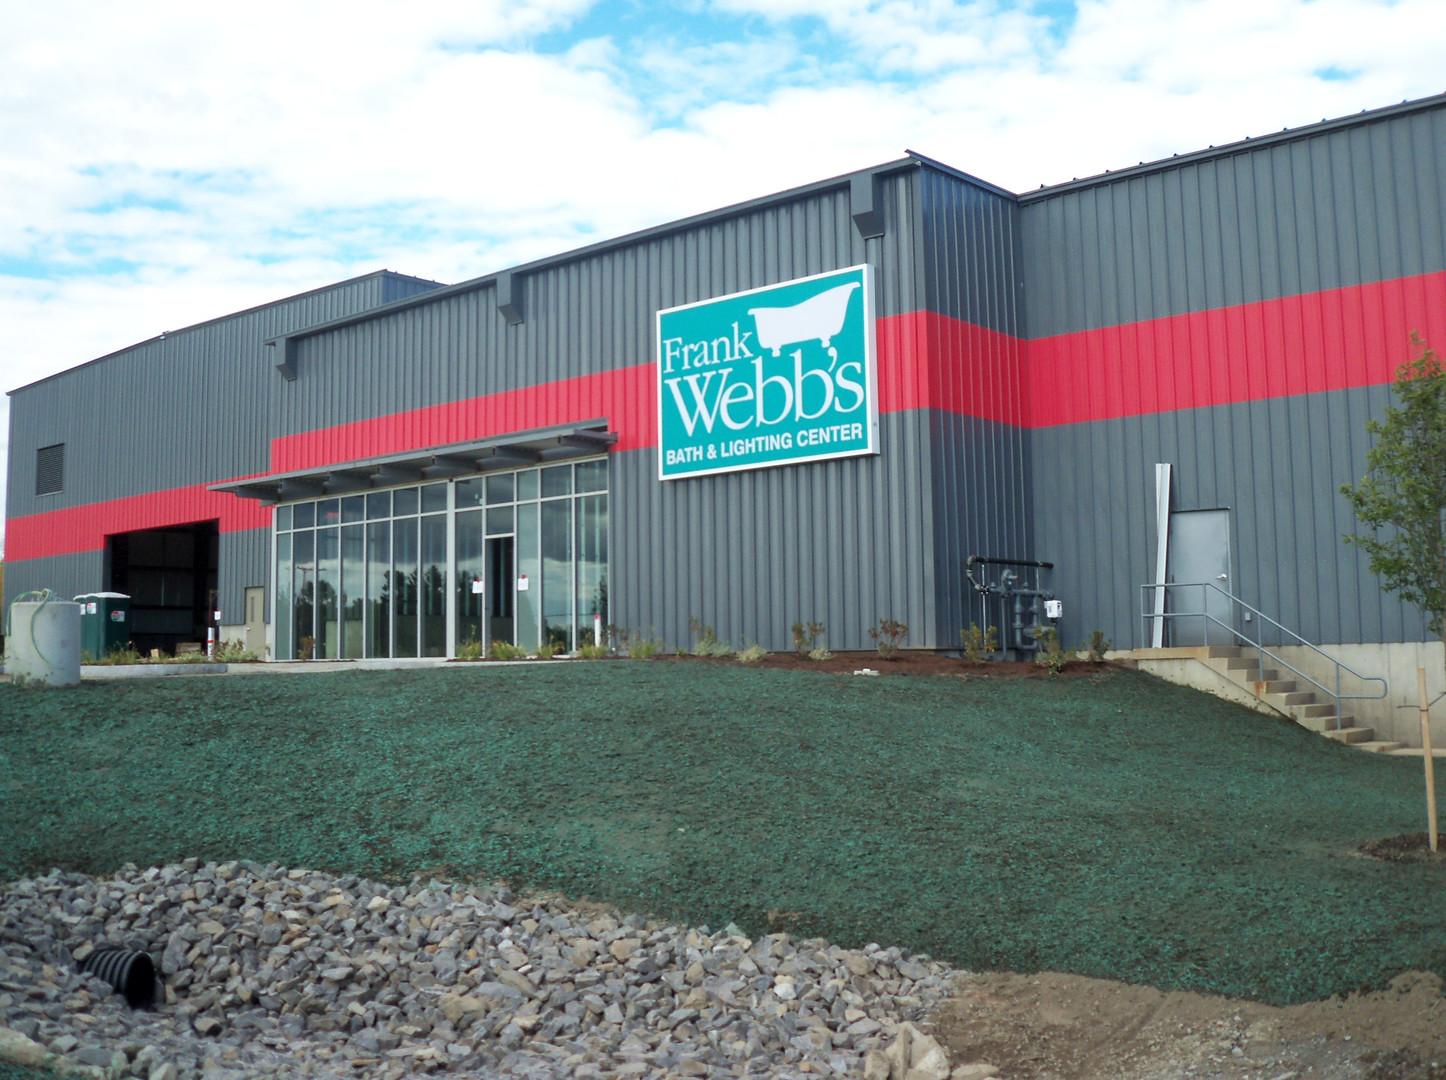 Frank Webb Home Storefront